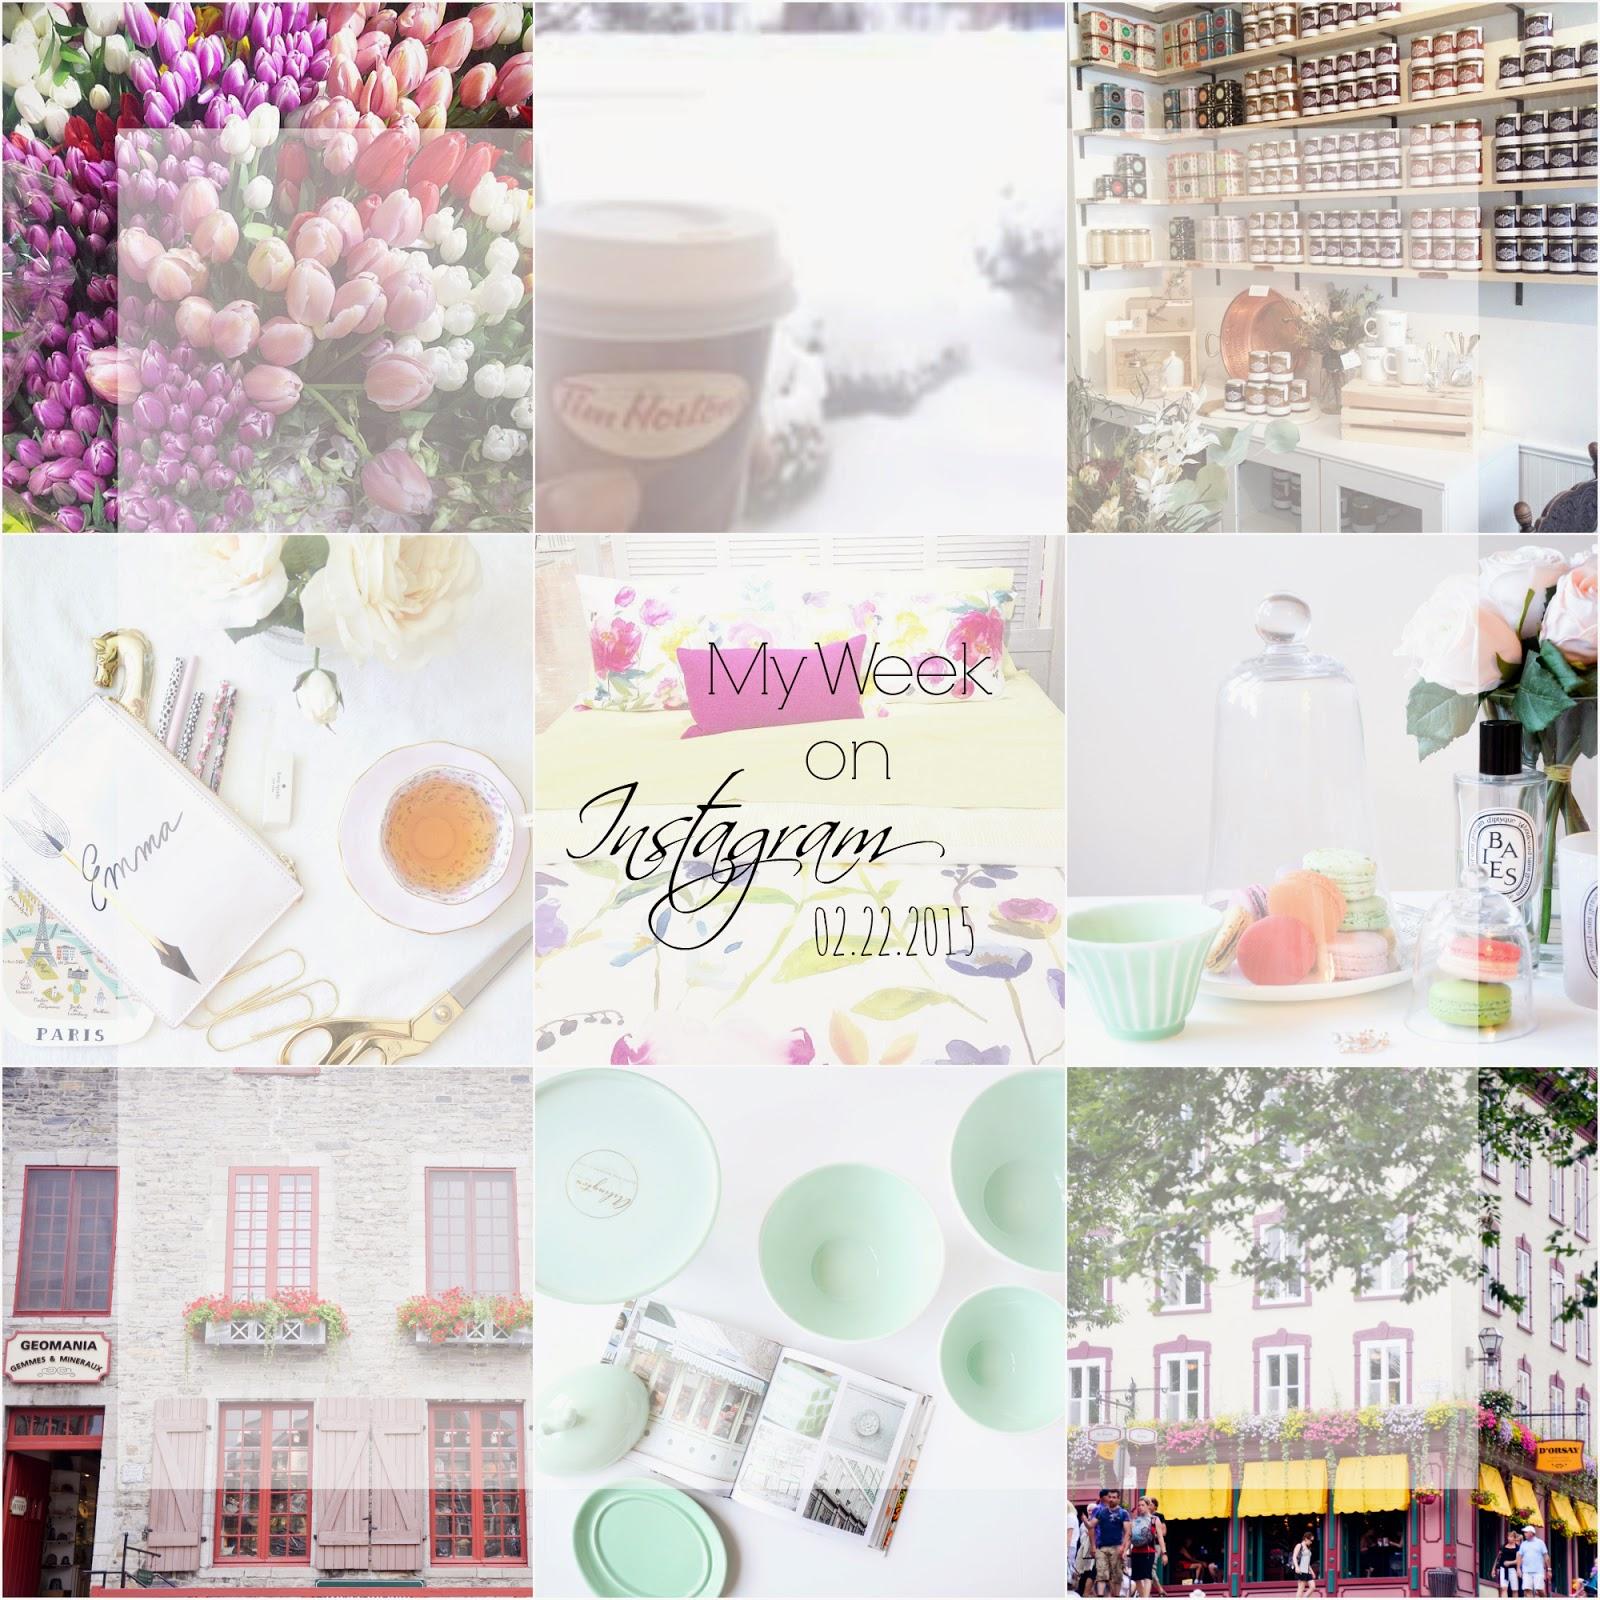 This week on @Navkbrarblog instagram